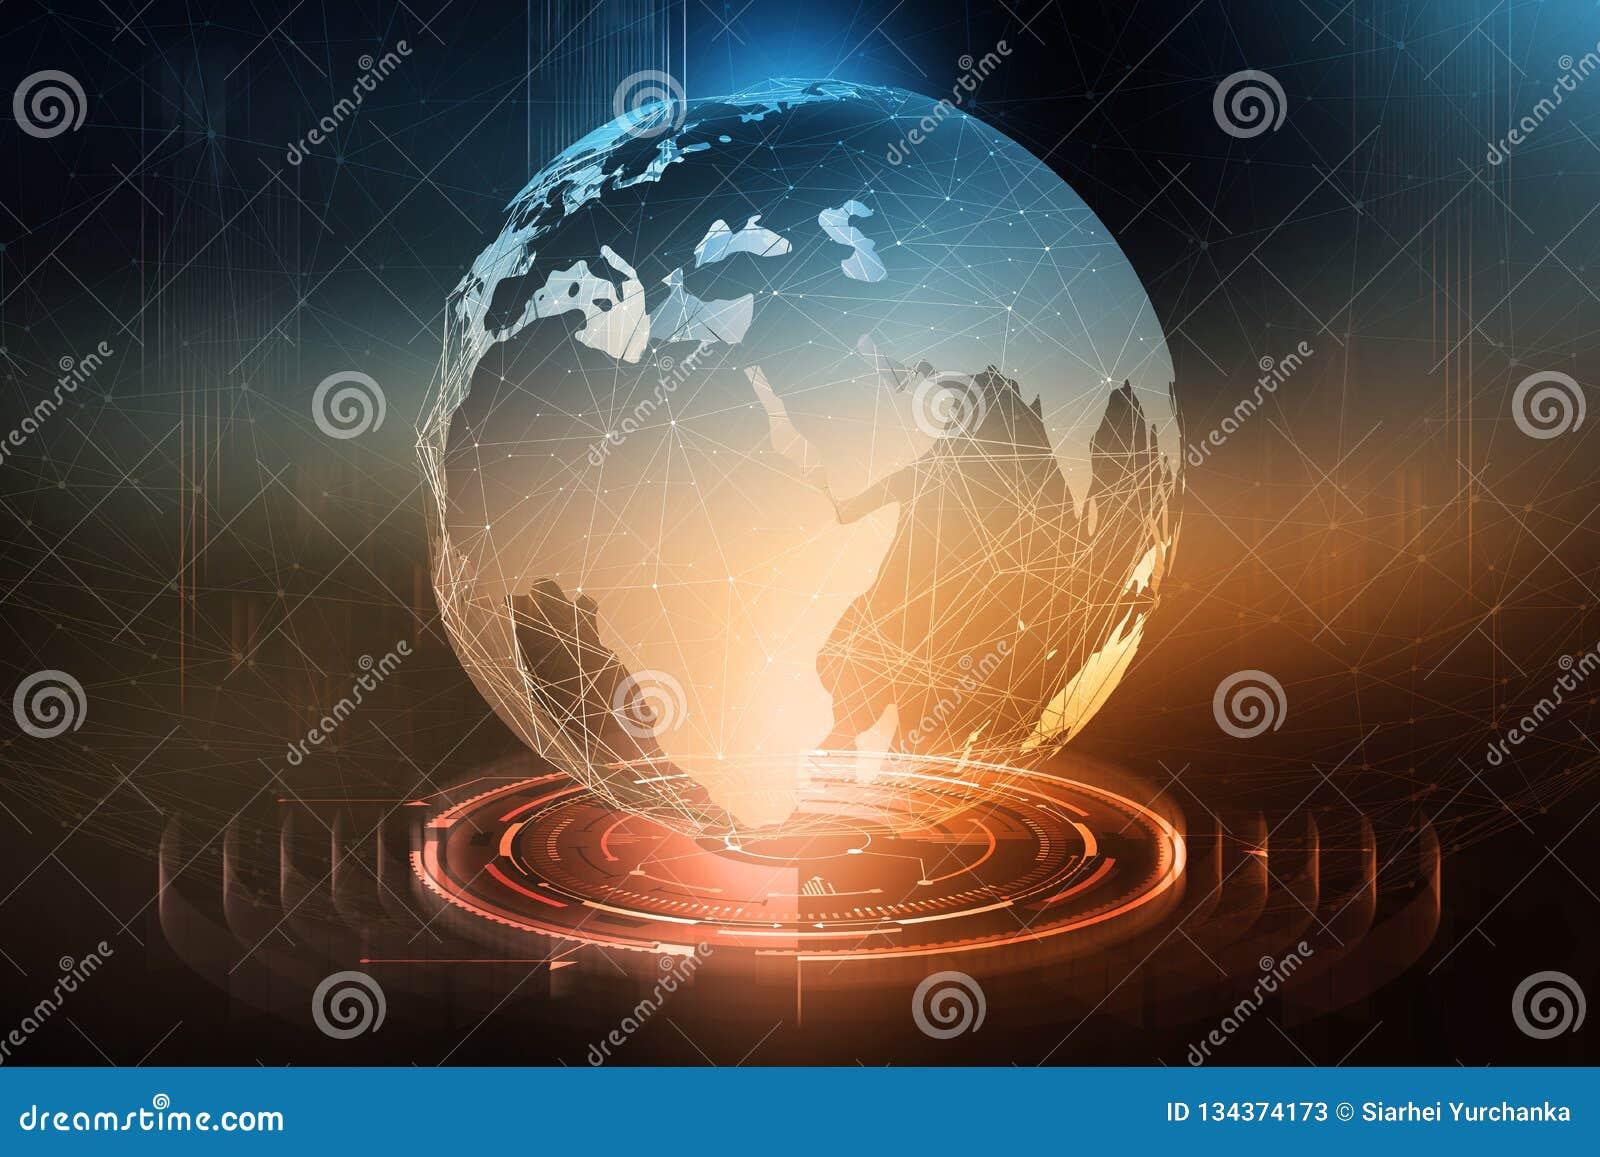 Глобальный обмен данными Образование планетарной коммуникационной сети Дело в поле цифровых технологий